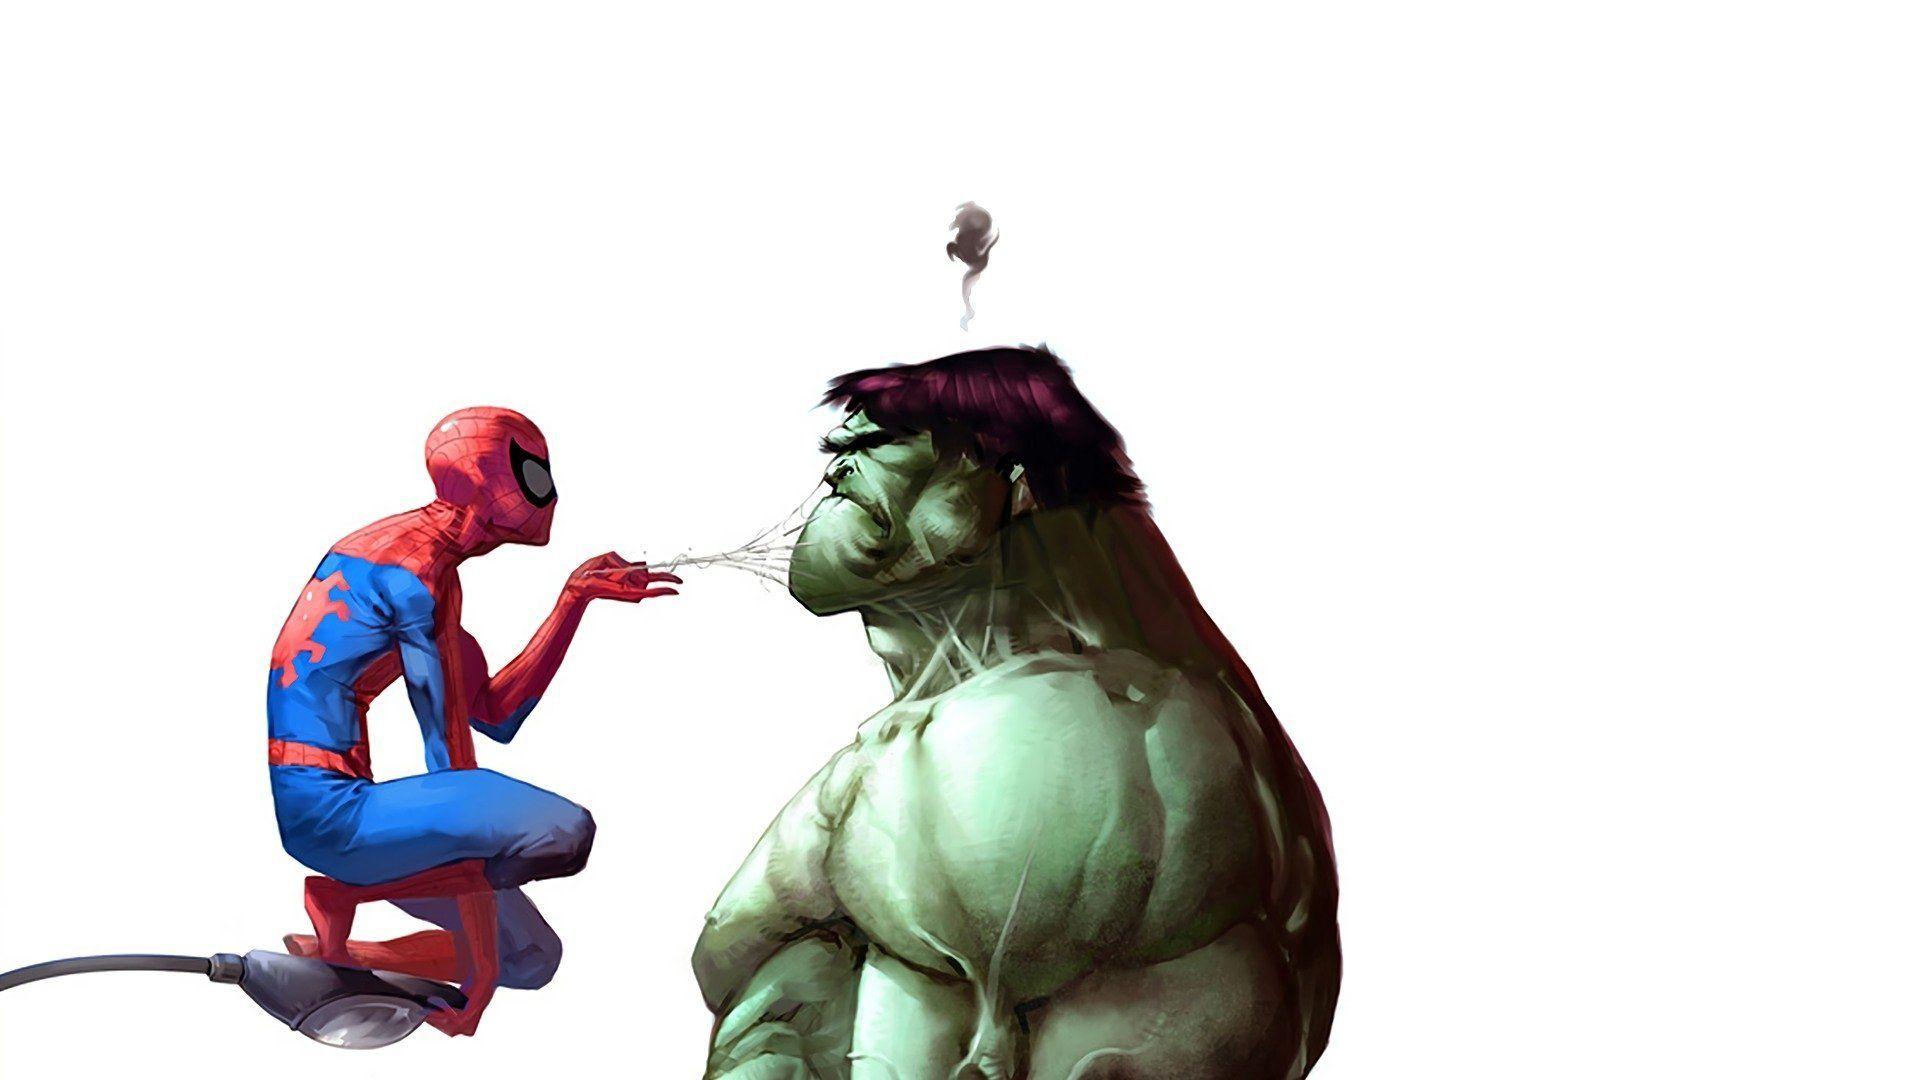 Прикольные картинки с супергероями марвел, картинки про отношения